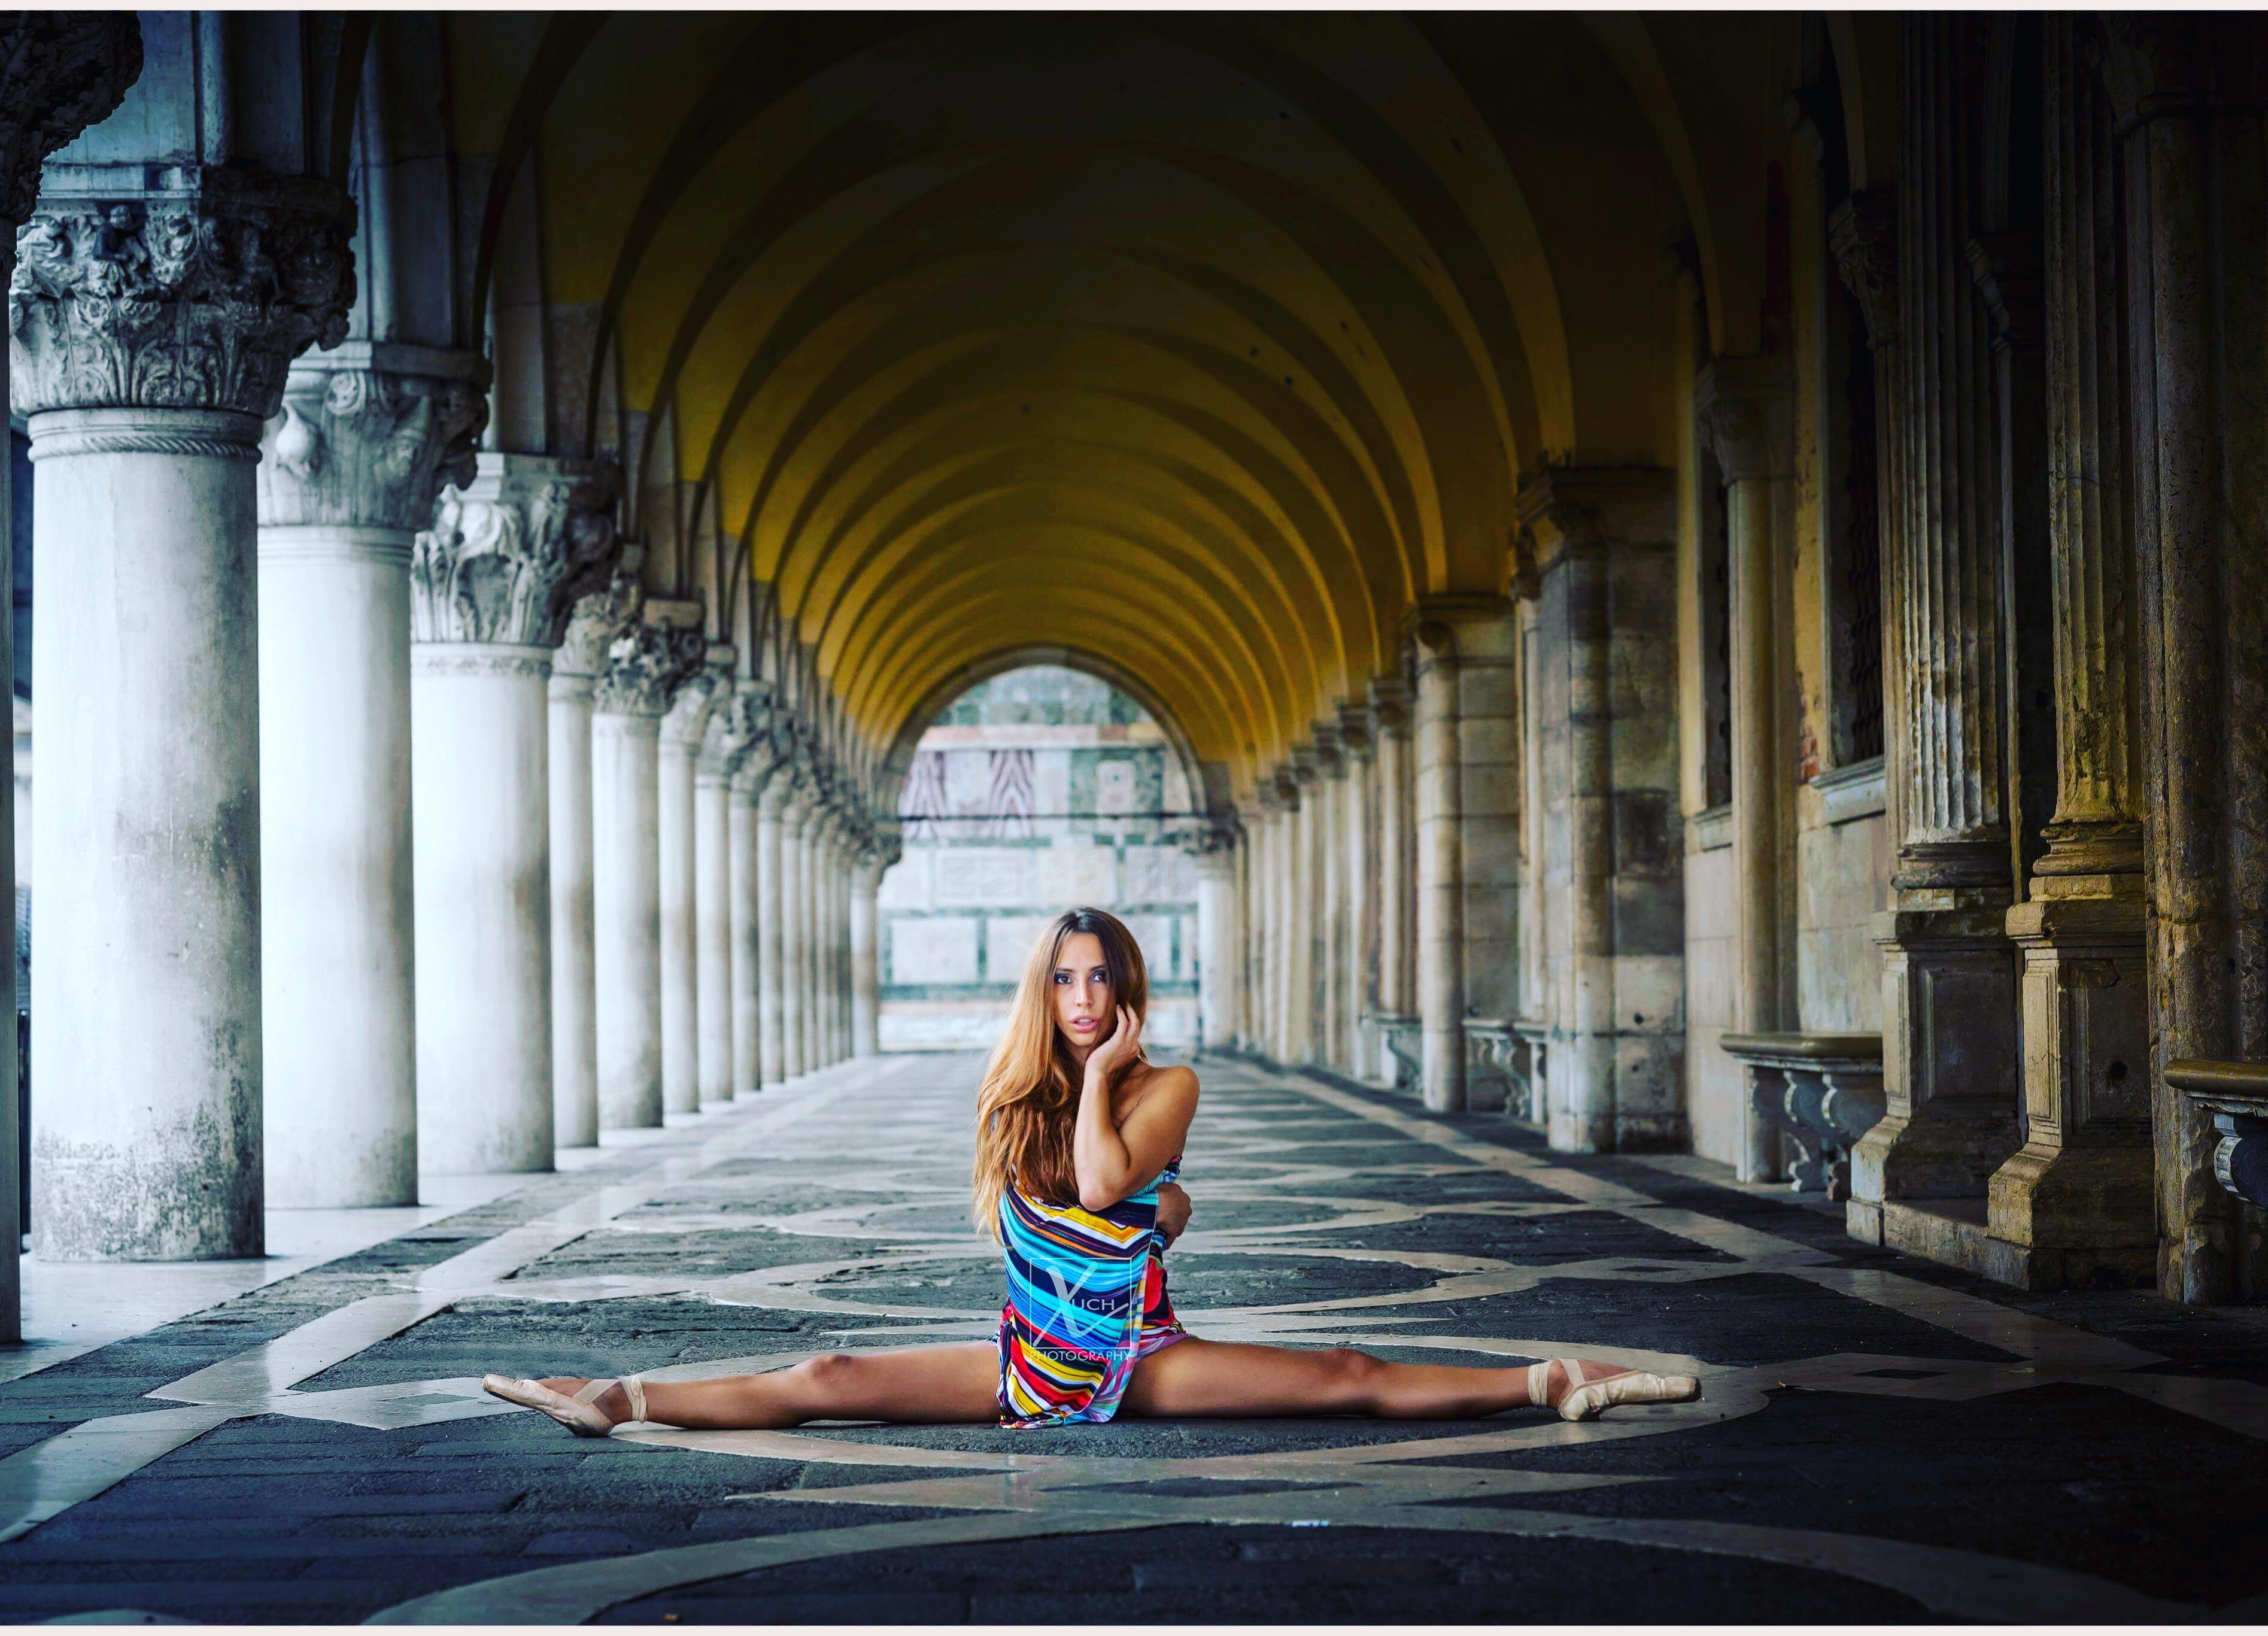 Desideria Chinzari Sacchettini. La danza aerea è <b>arte</b>